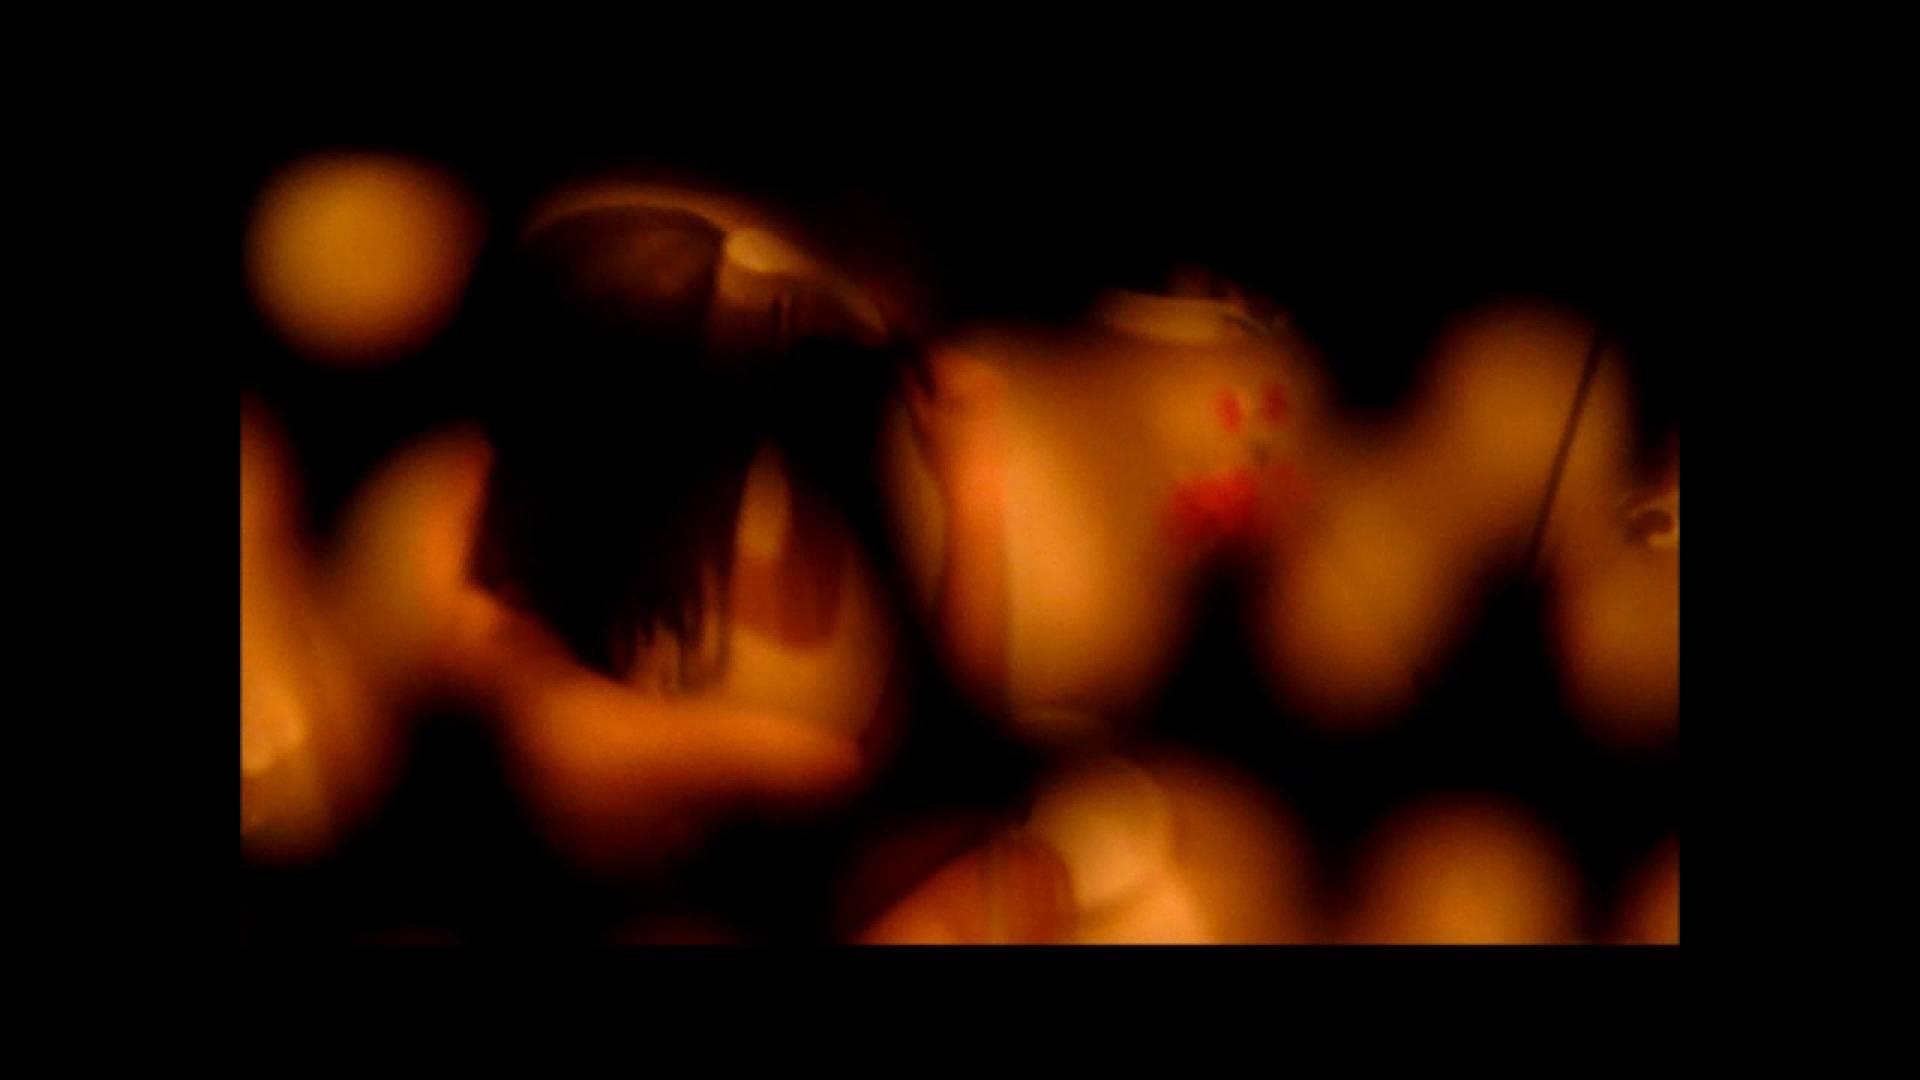 【02】ベランダに侵入して張り込みを始めて・・・やっと結果が出ました。 家宅侵入 | 0  82画像 82